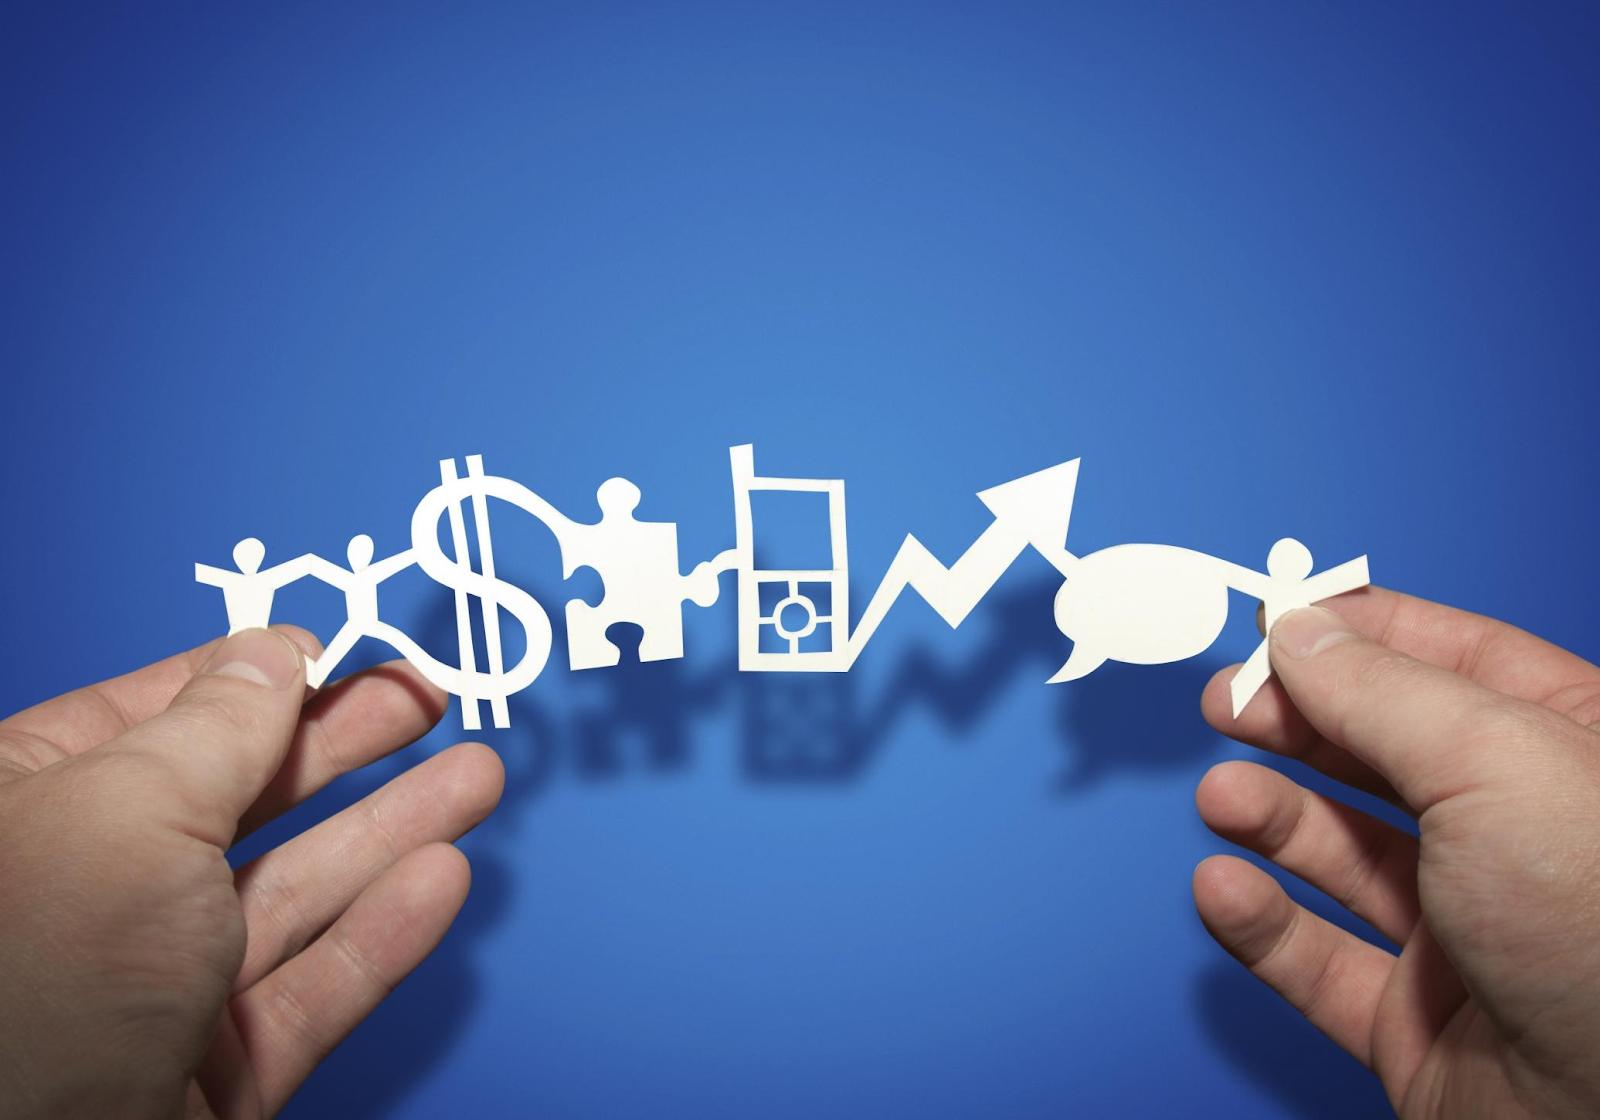 Reestruturação financeira da empresa: quais os impactos? - Amorim Pereira